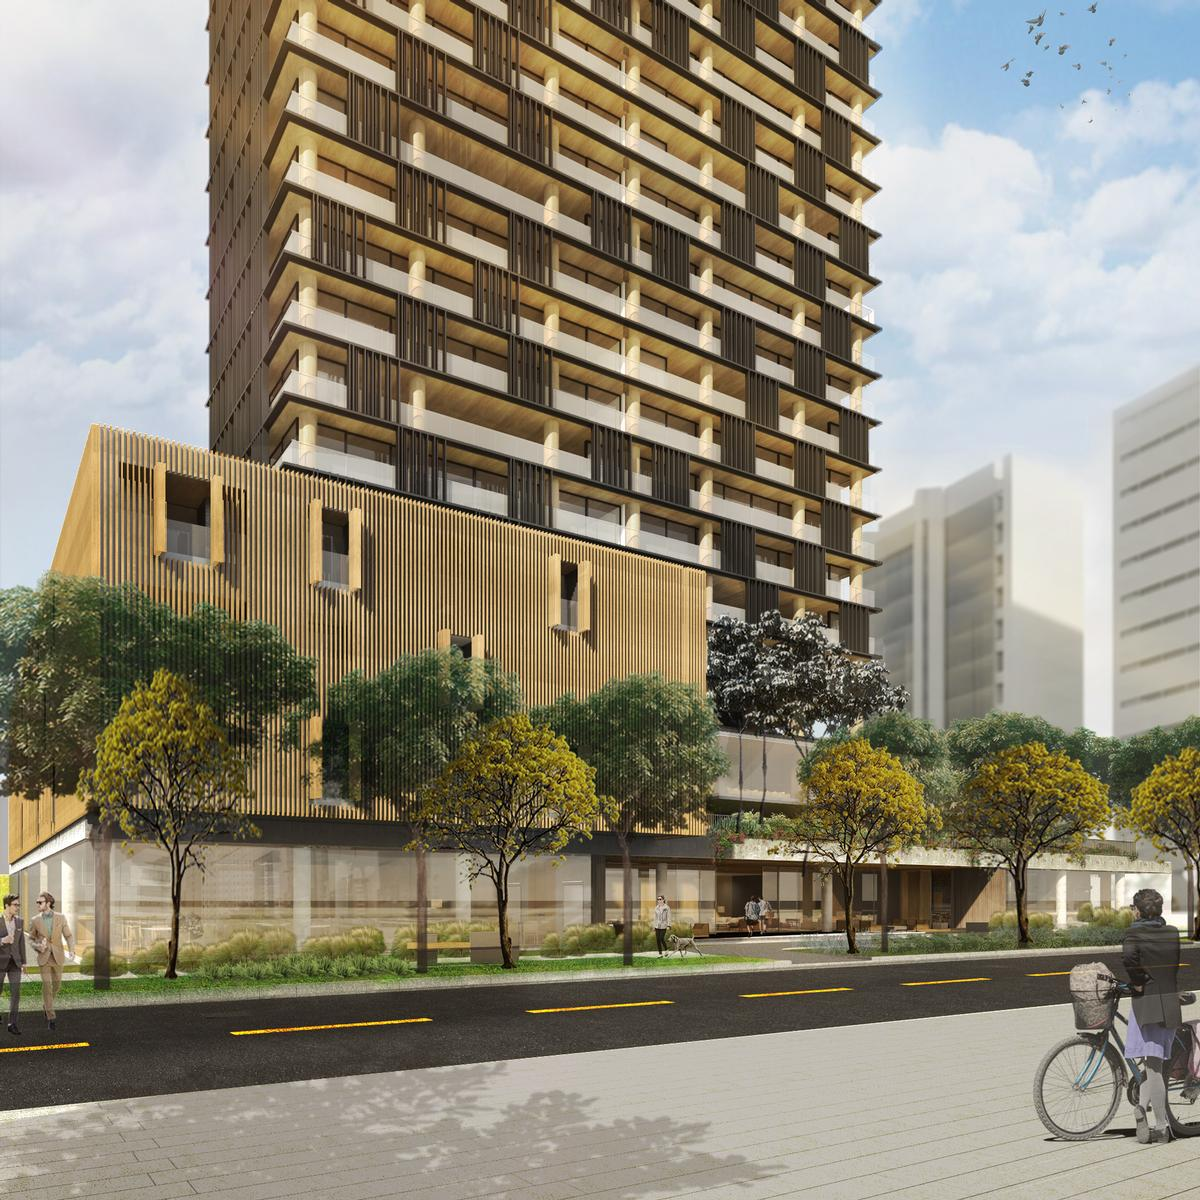 The complex will be located in Sao Paulo, Brazil / Studio Arthur Casas